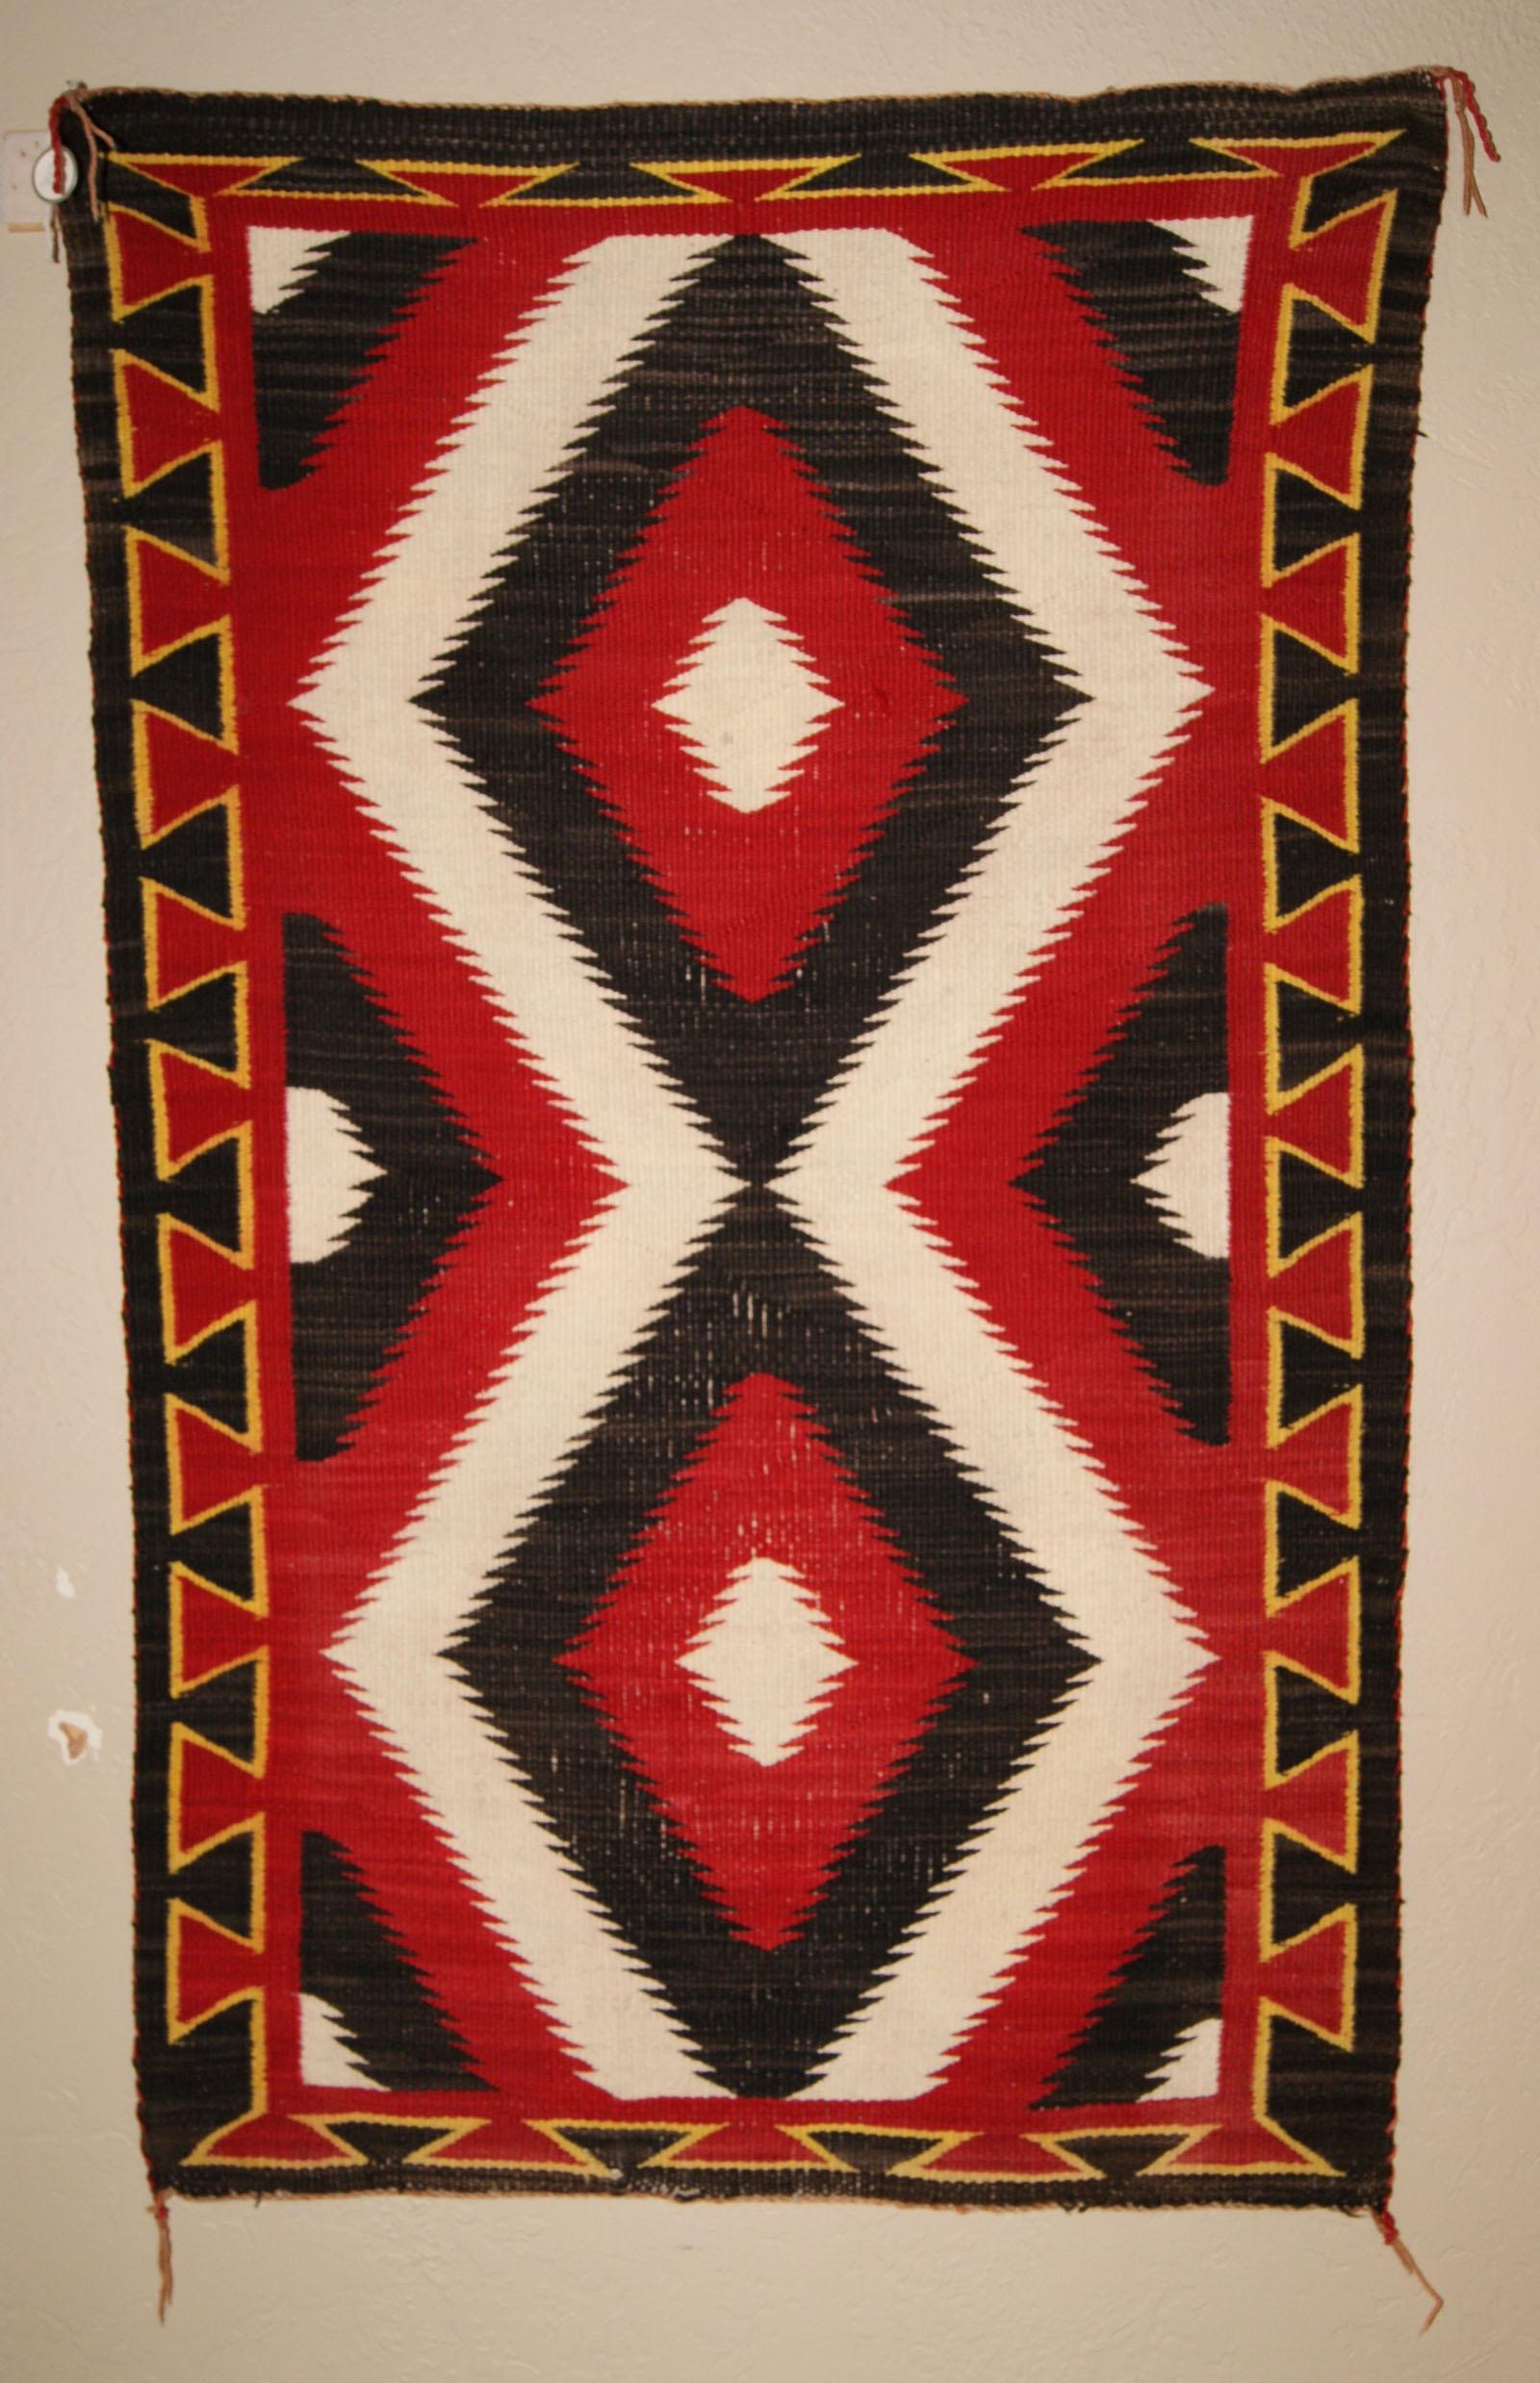 Ganado Navajo Saddle Blanket